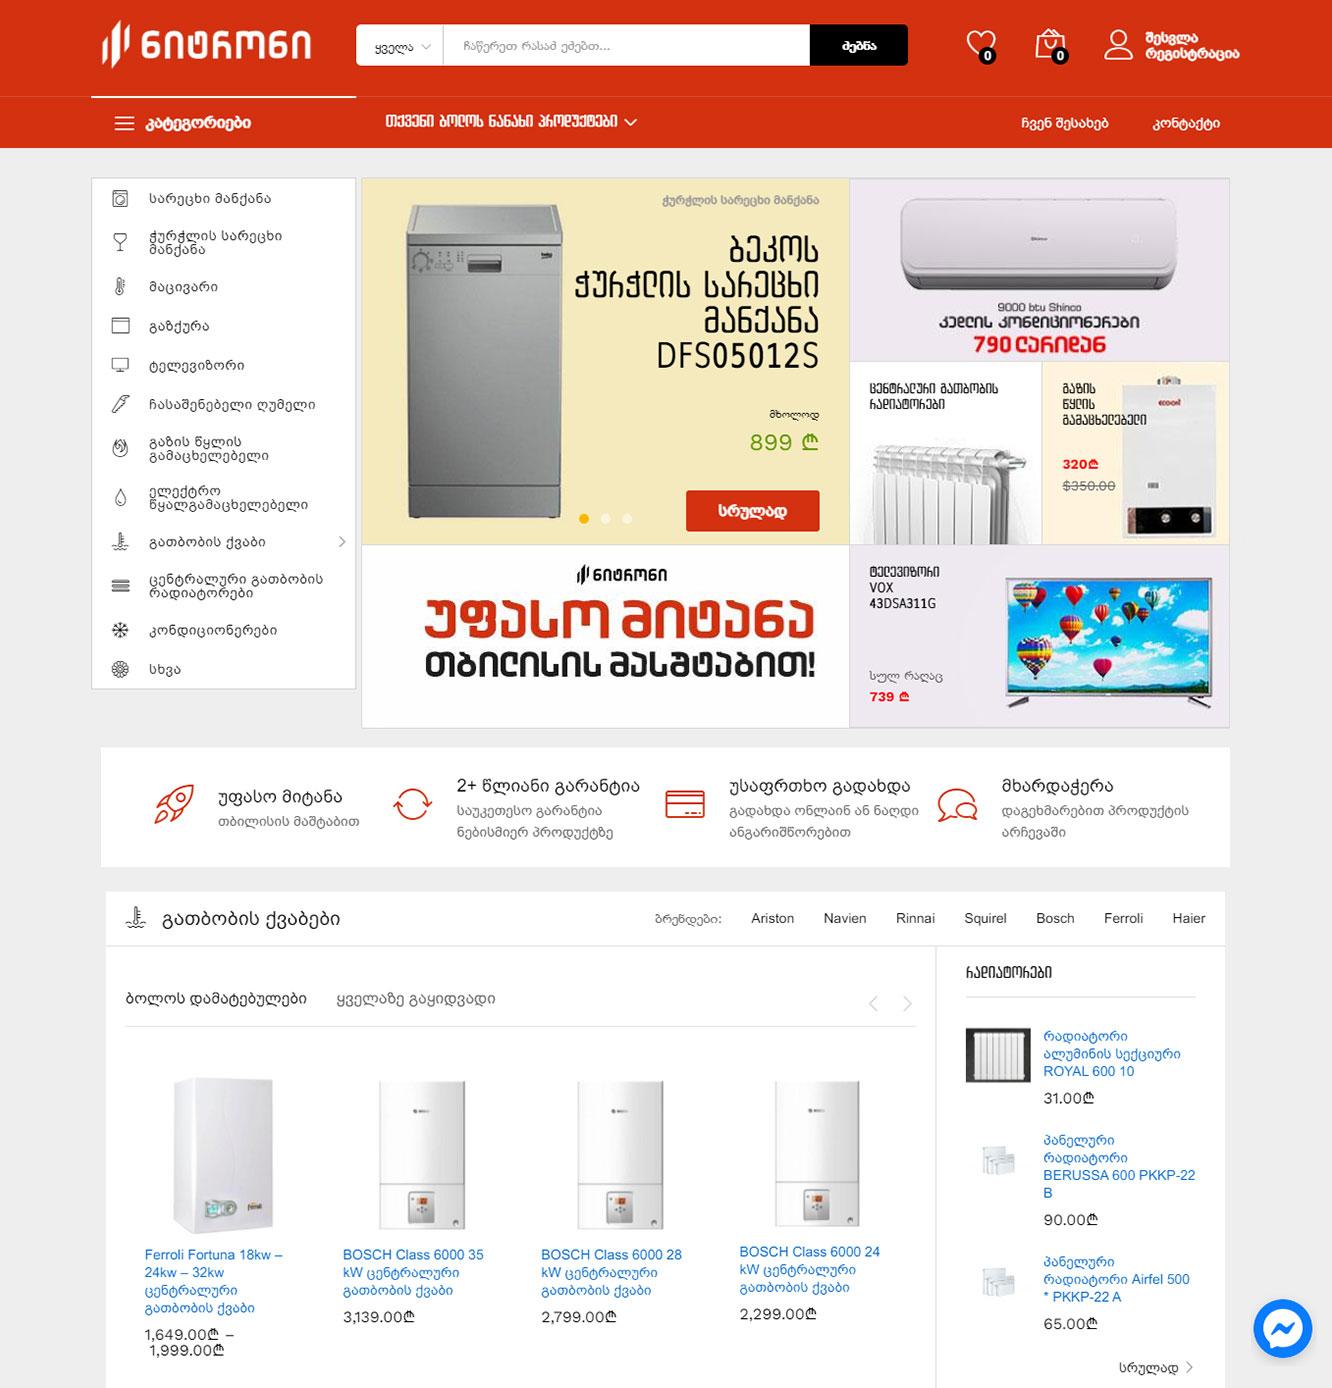 ვებ გვერდის დამზადება | საიტების გაკეთბა | საიტების დამზადება | Create website | Web Design Services